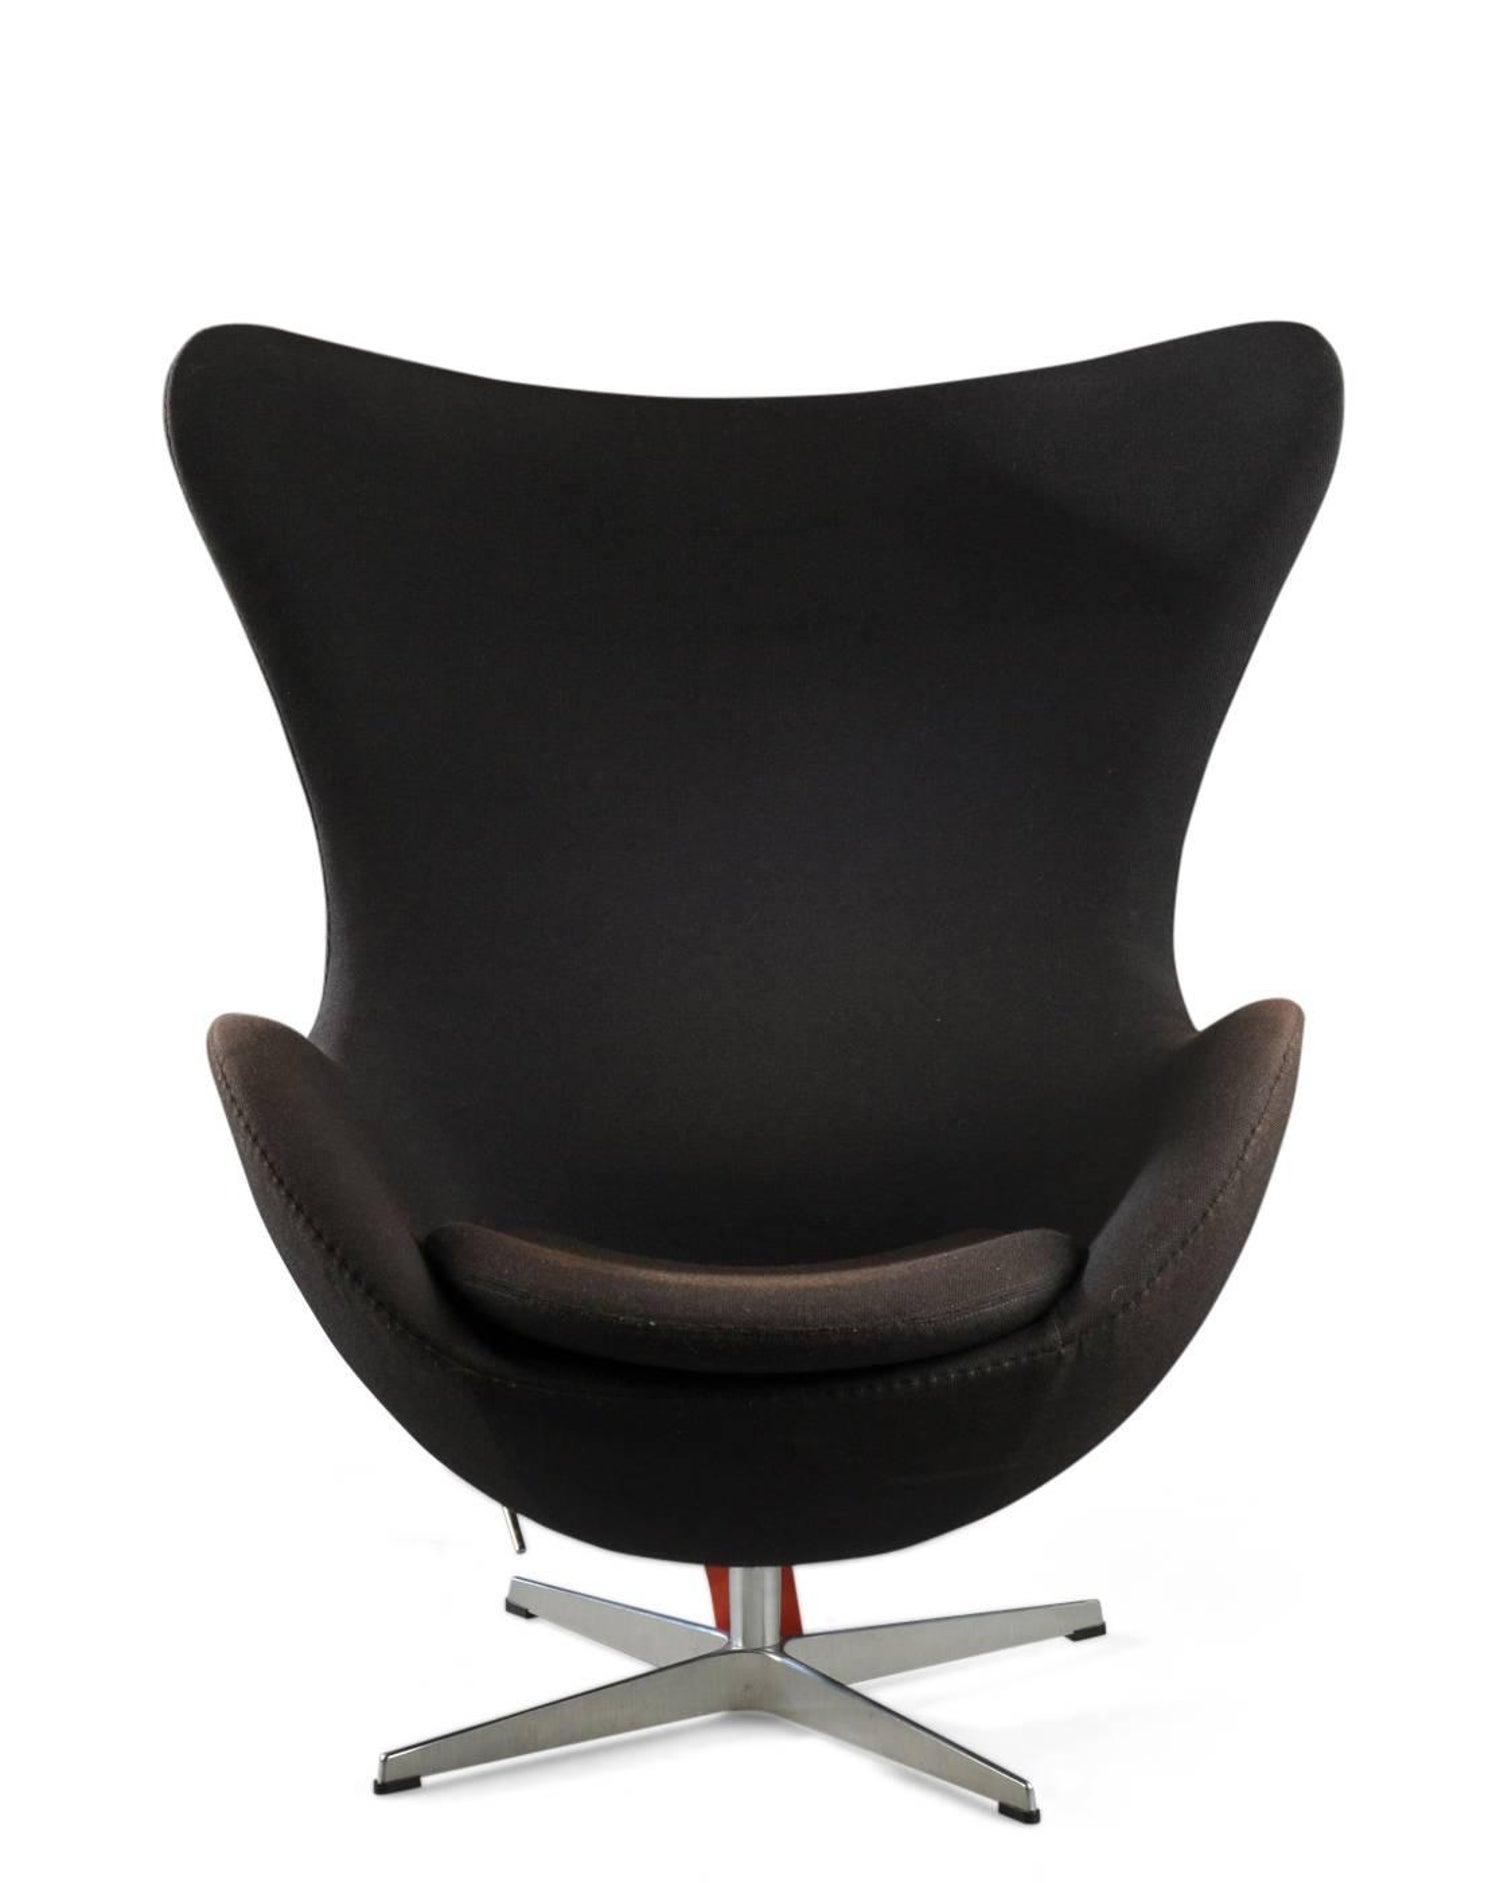 arne jacobsen black egg armchair for sale at 1stdibs - Fauteuil Egg Jacobsen